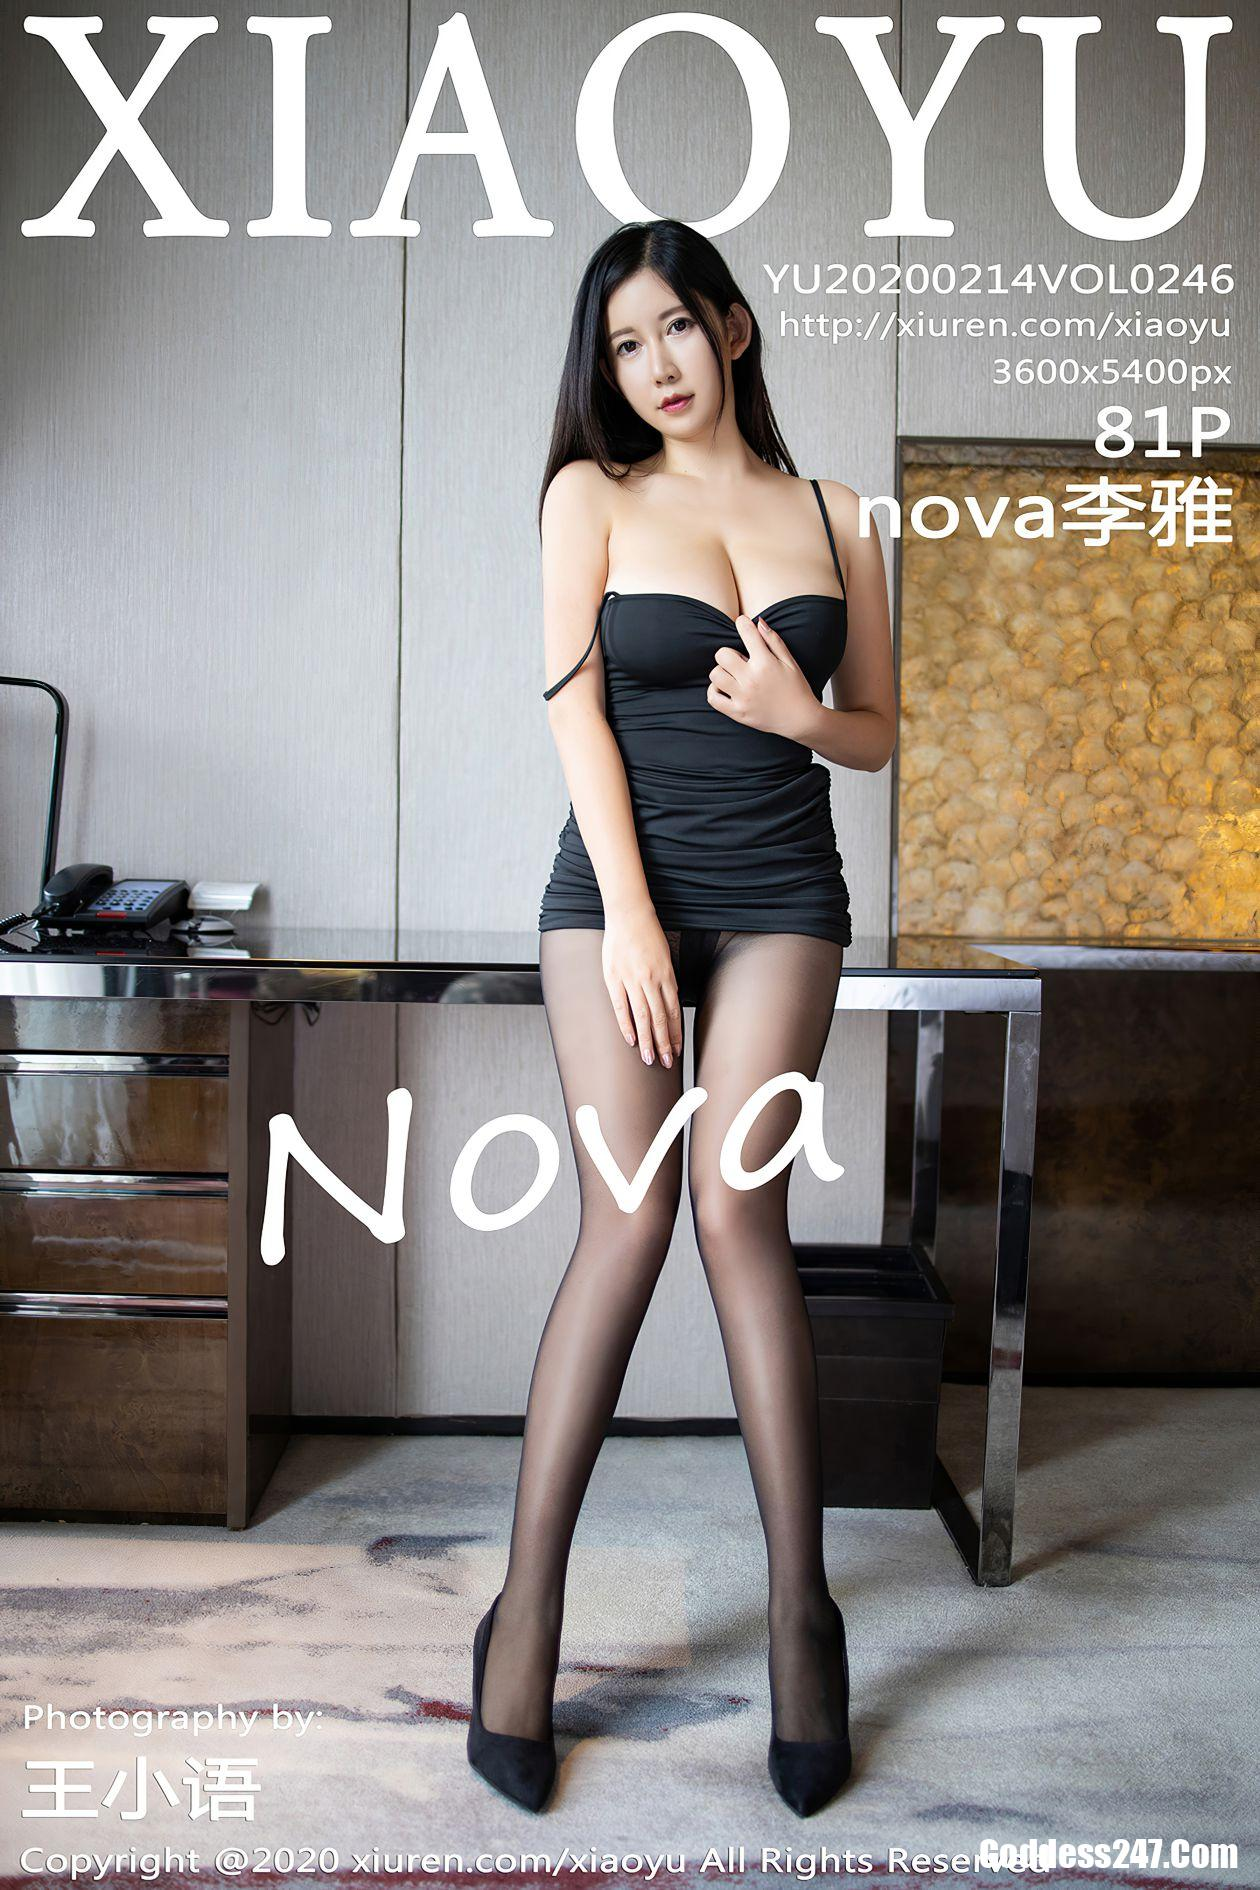 XiaoYu Vol.246 nova李雅